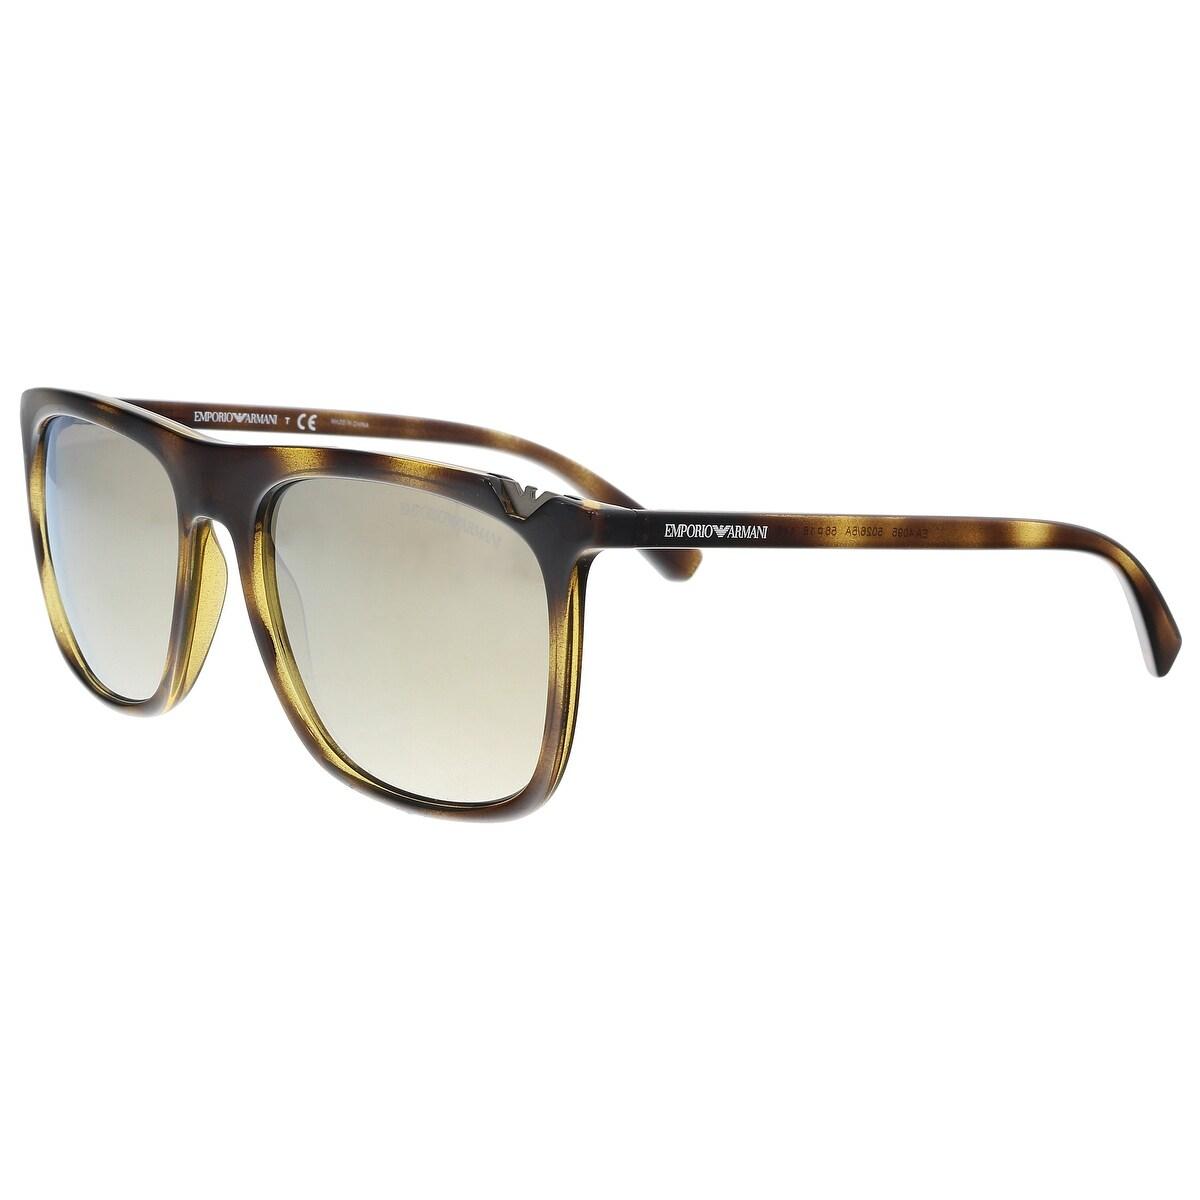 17238caf3625 Emporio Armani Sunglasses